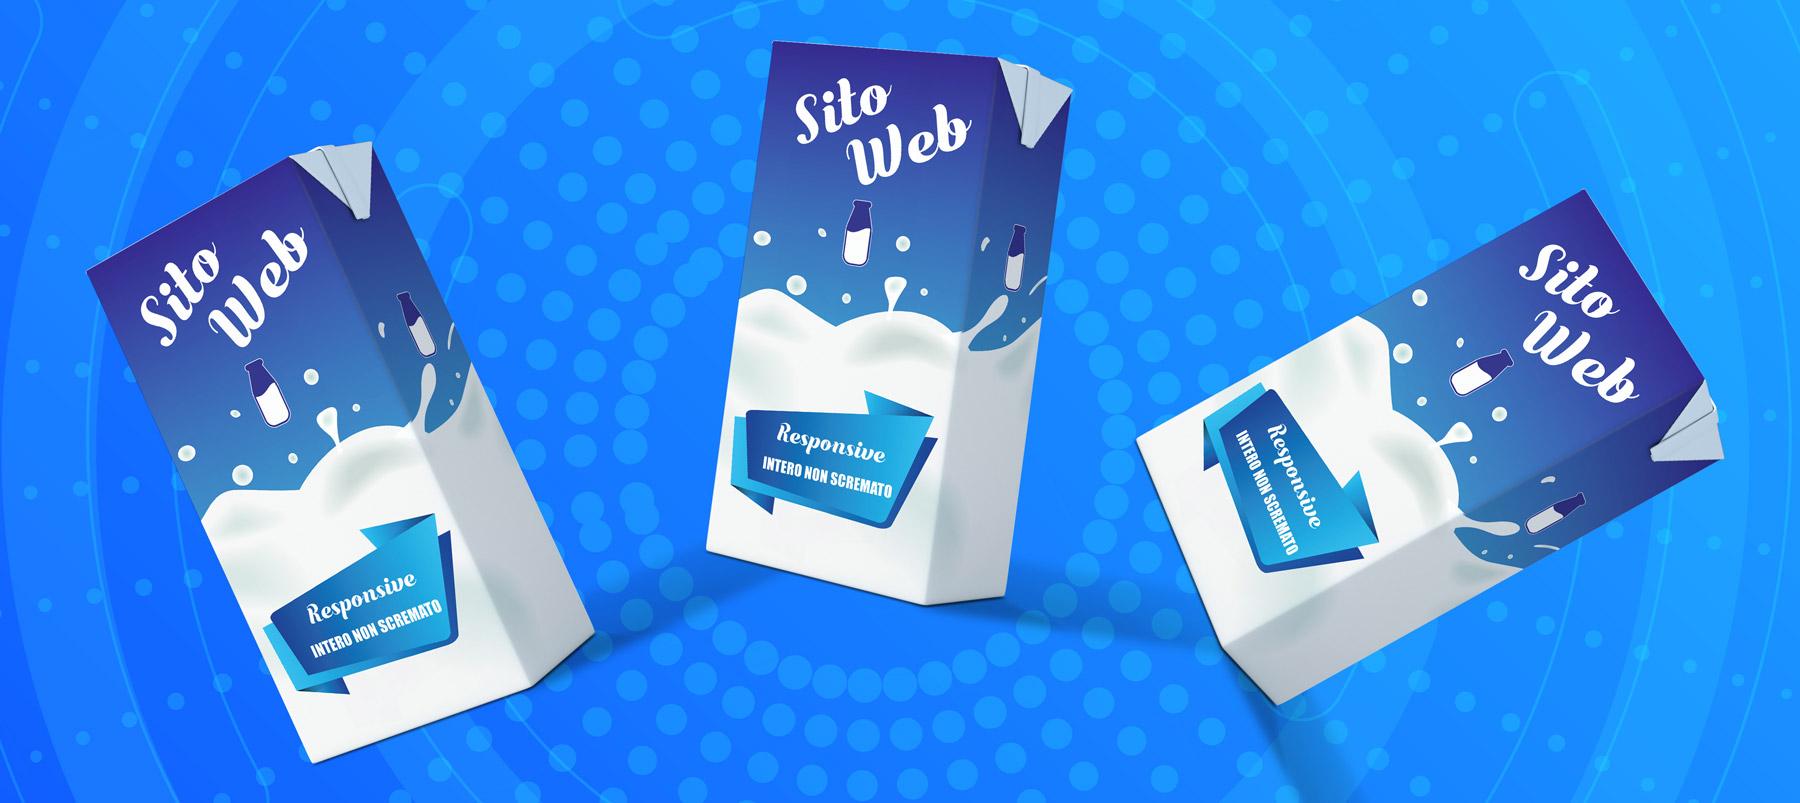 branding-seo-marketing-creazione-siti-web-pavia-milano-design-progettazione-grafica-geofelix-26